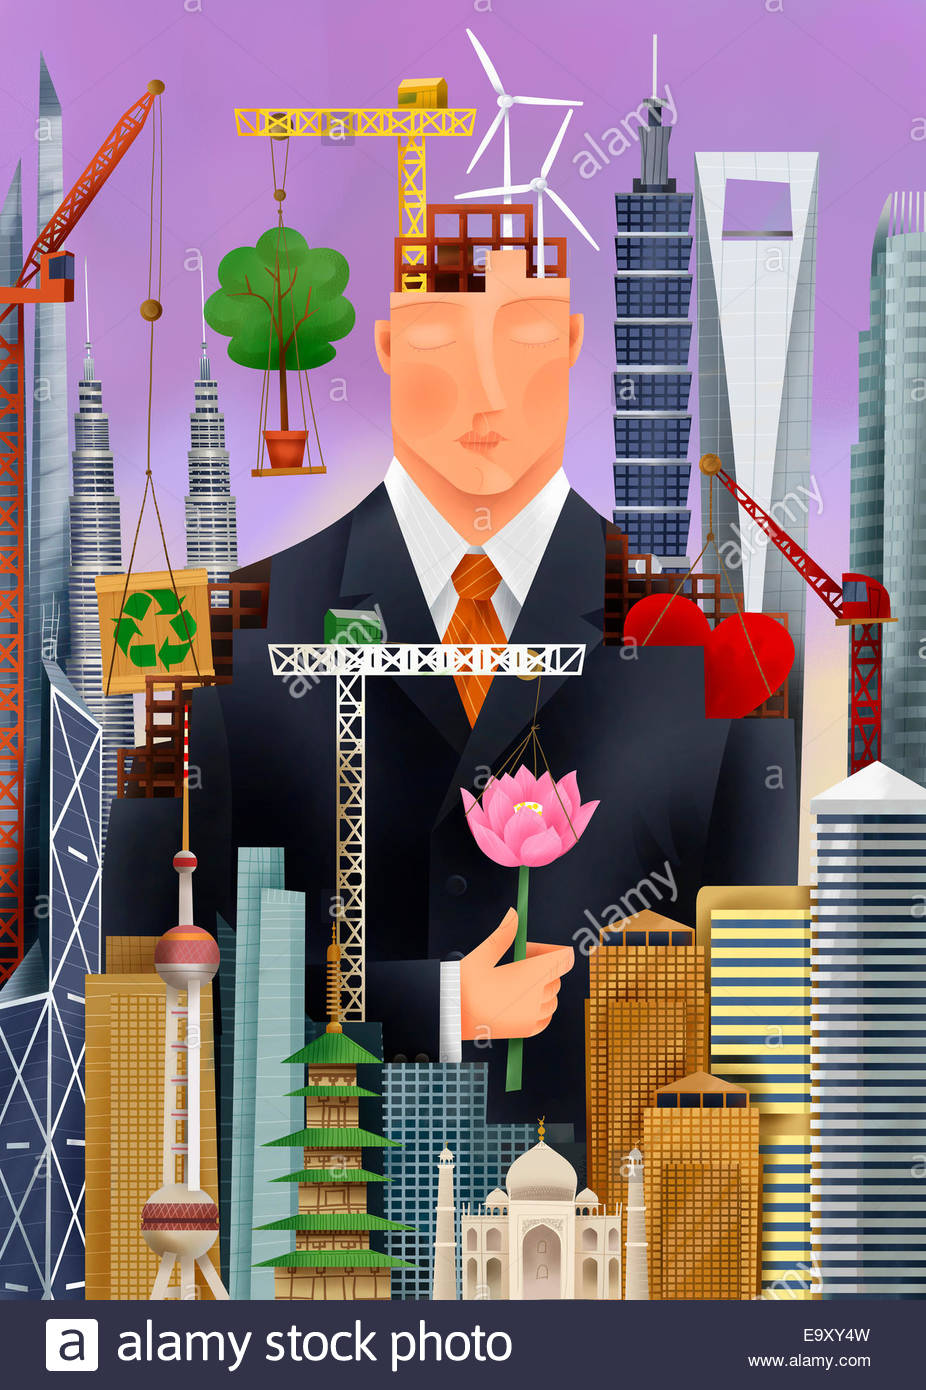 Empresario sereno rodeado por la conservación del medio ambiente, monumentos y símbolos internacionales Imagen De Stock